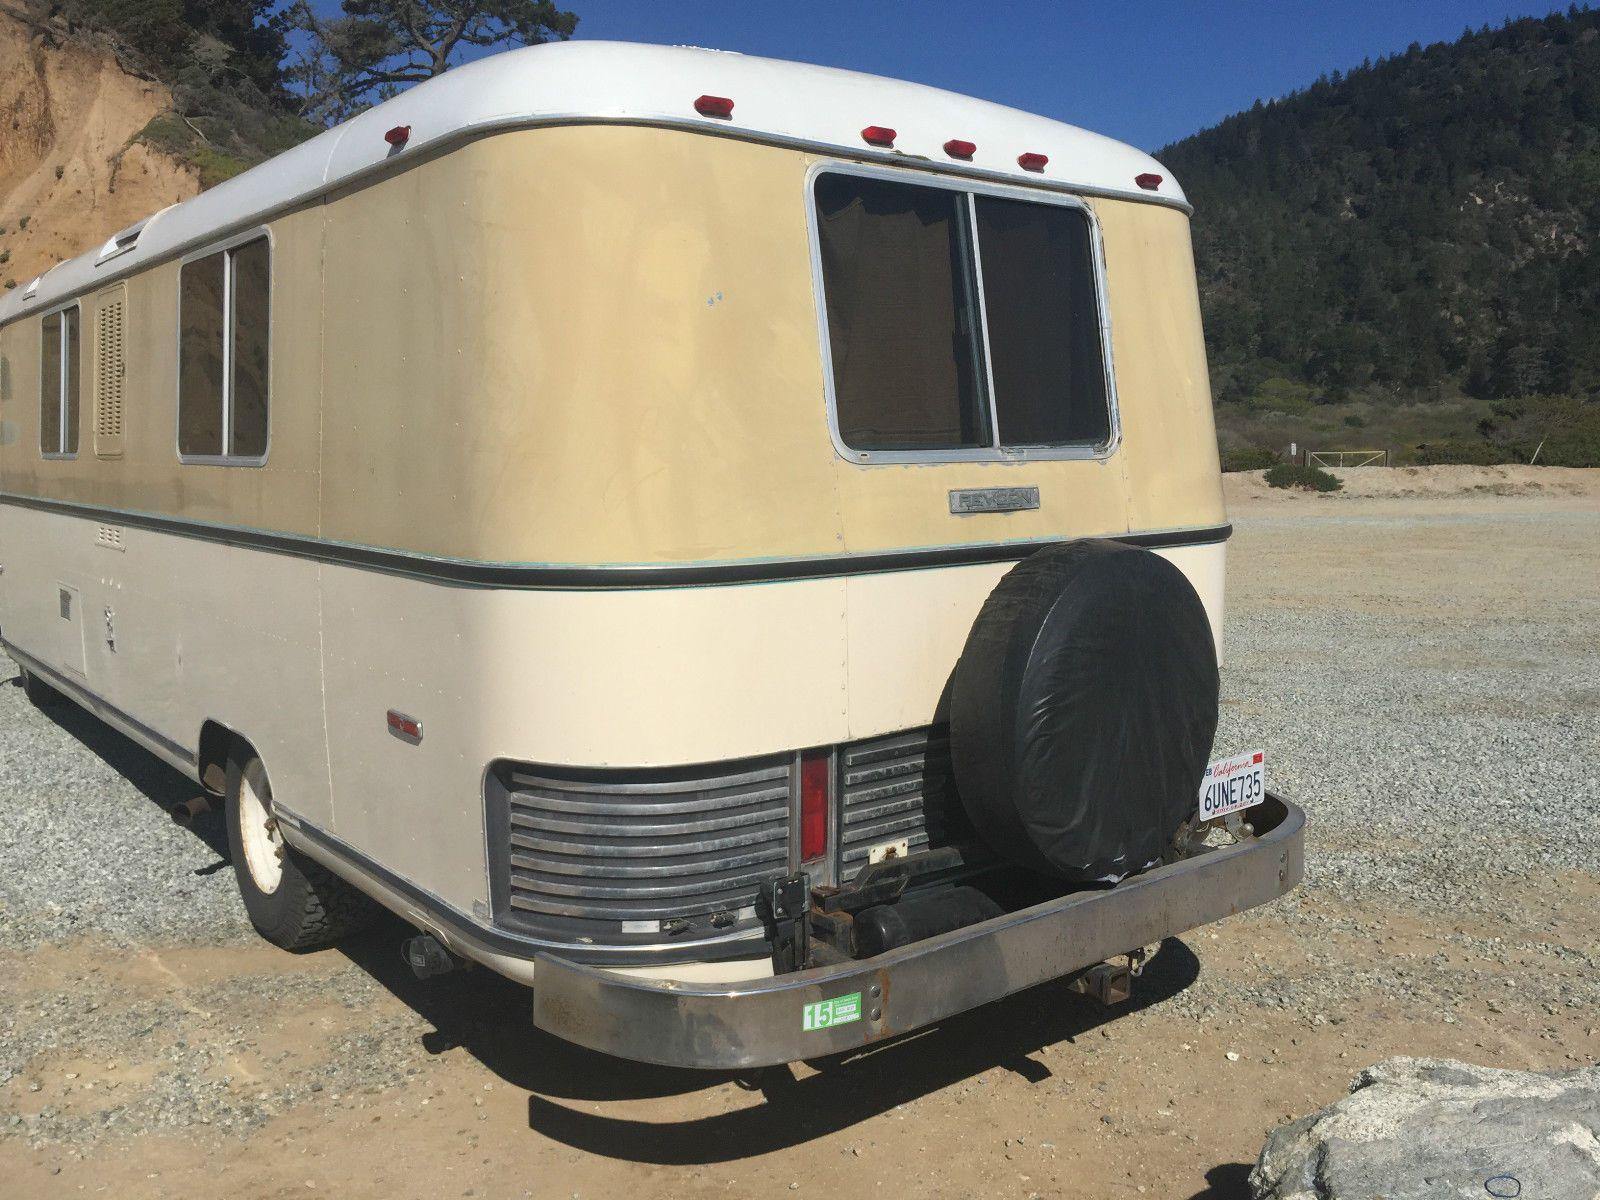 1972 Revcon 250 Motorhome Ebay Motorhome Vintage Camper Recreational Vehicles